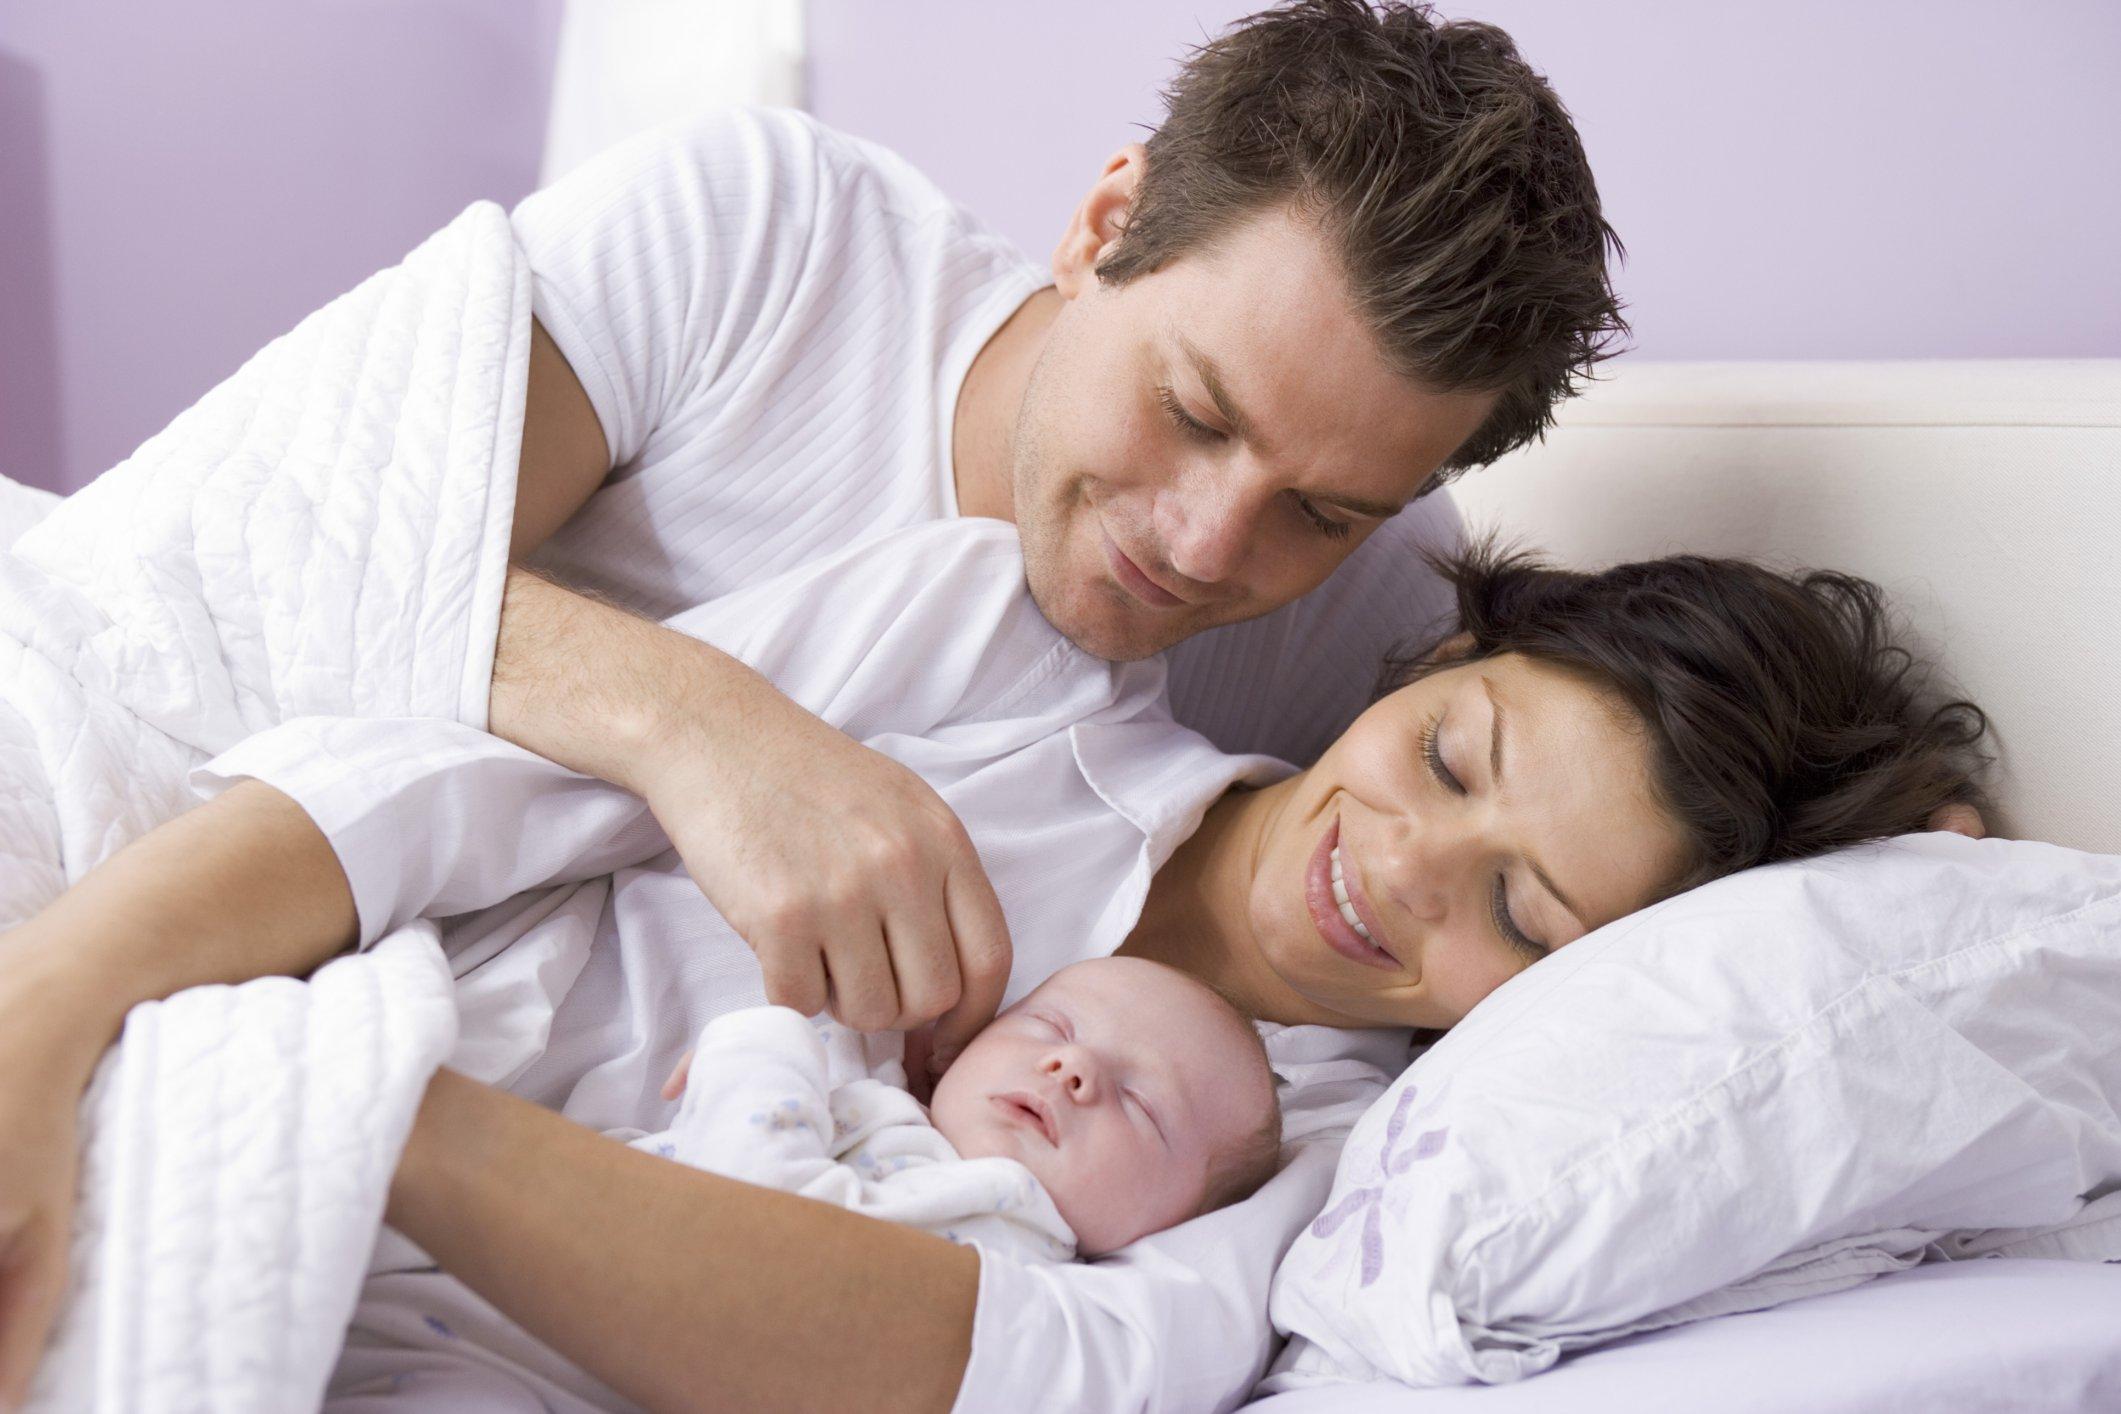 воздушной мама в кровати картинки город-герой впечатляющей